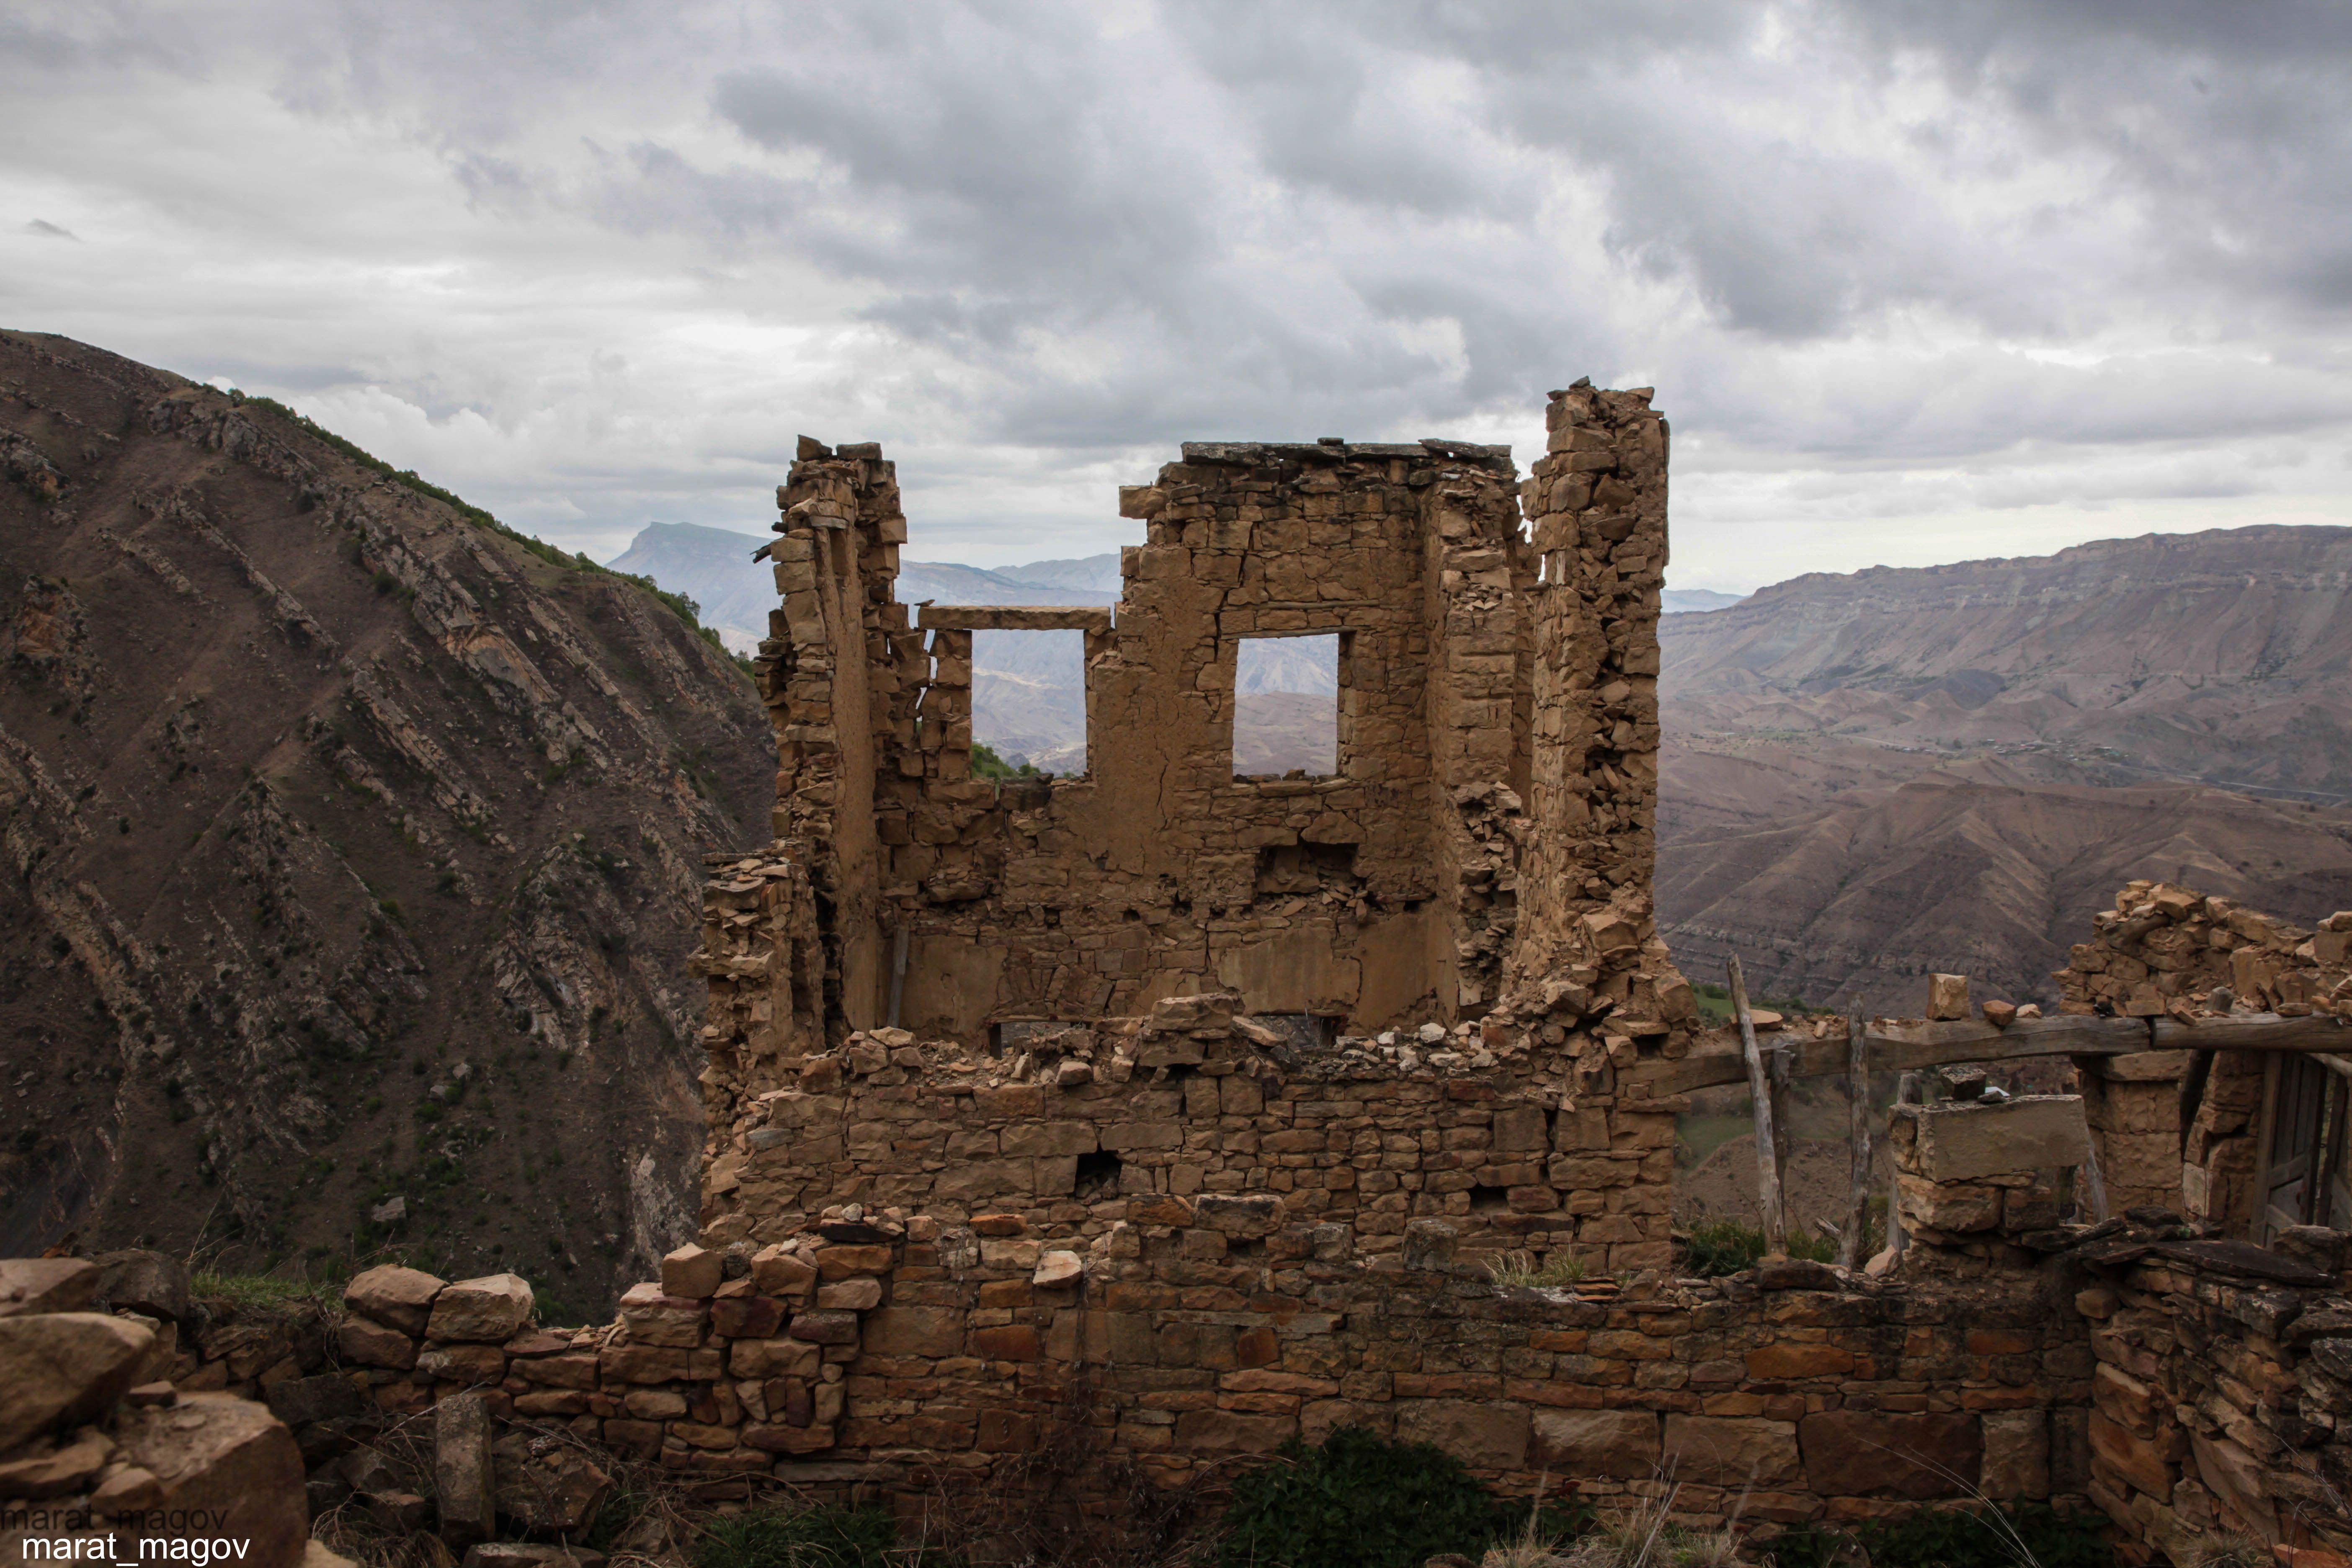 развалины,аул,горы,вершины,пейзаж,небо,деревья,дагестан,природа, Magov Marat